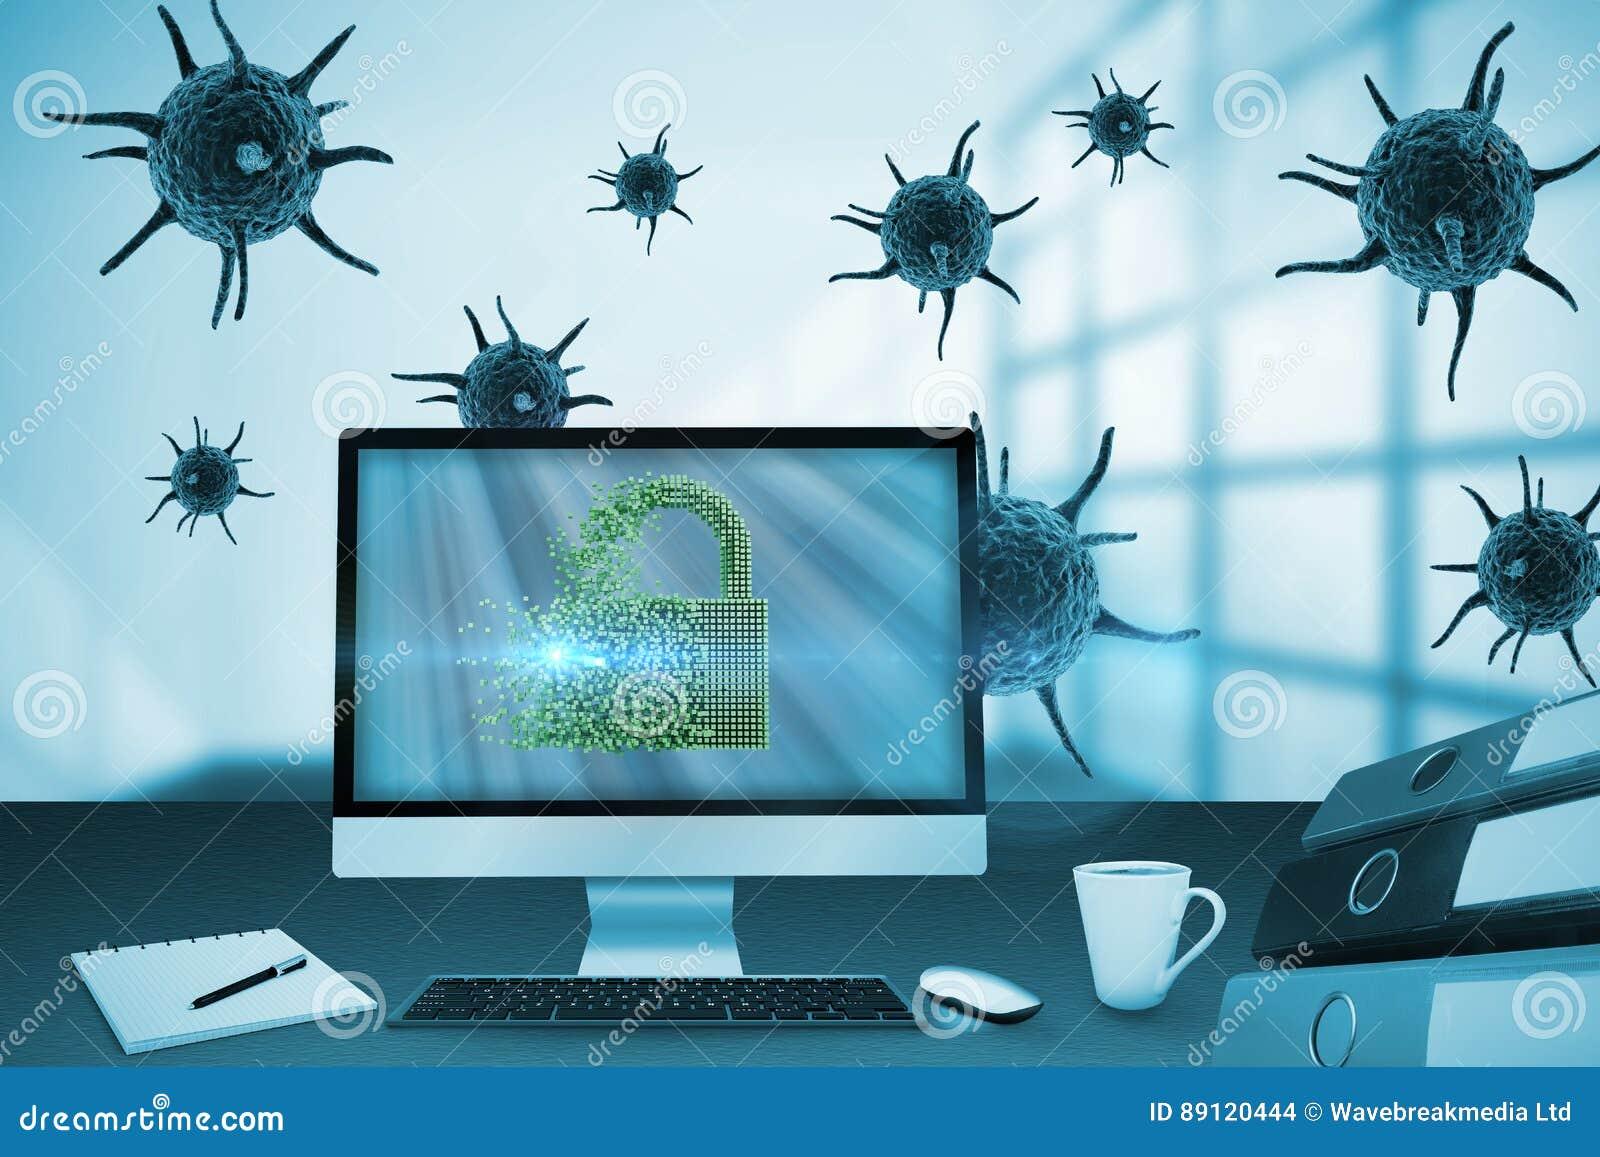 Imagen compuesta de la imagen digital de la cerradura gris 3d